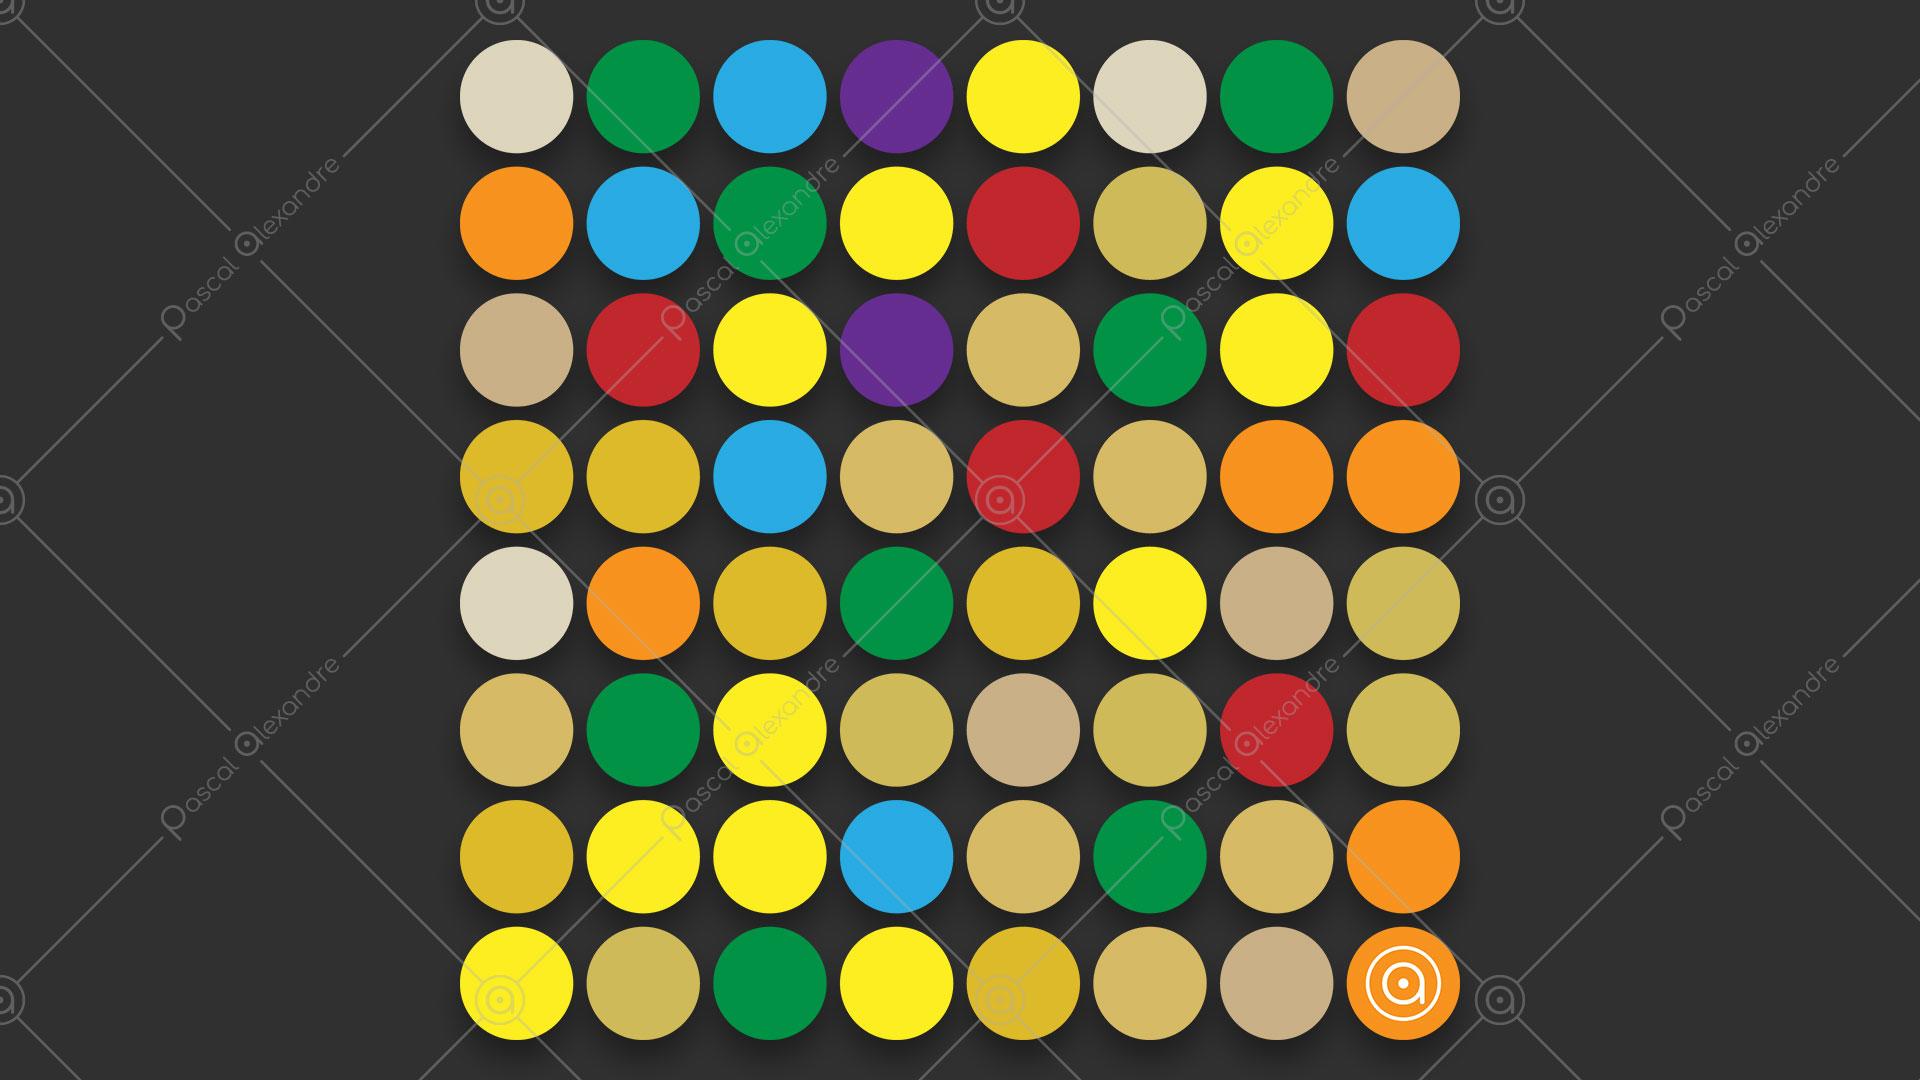 Dots Multicolor Rainbow 1553982387